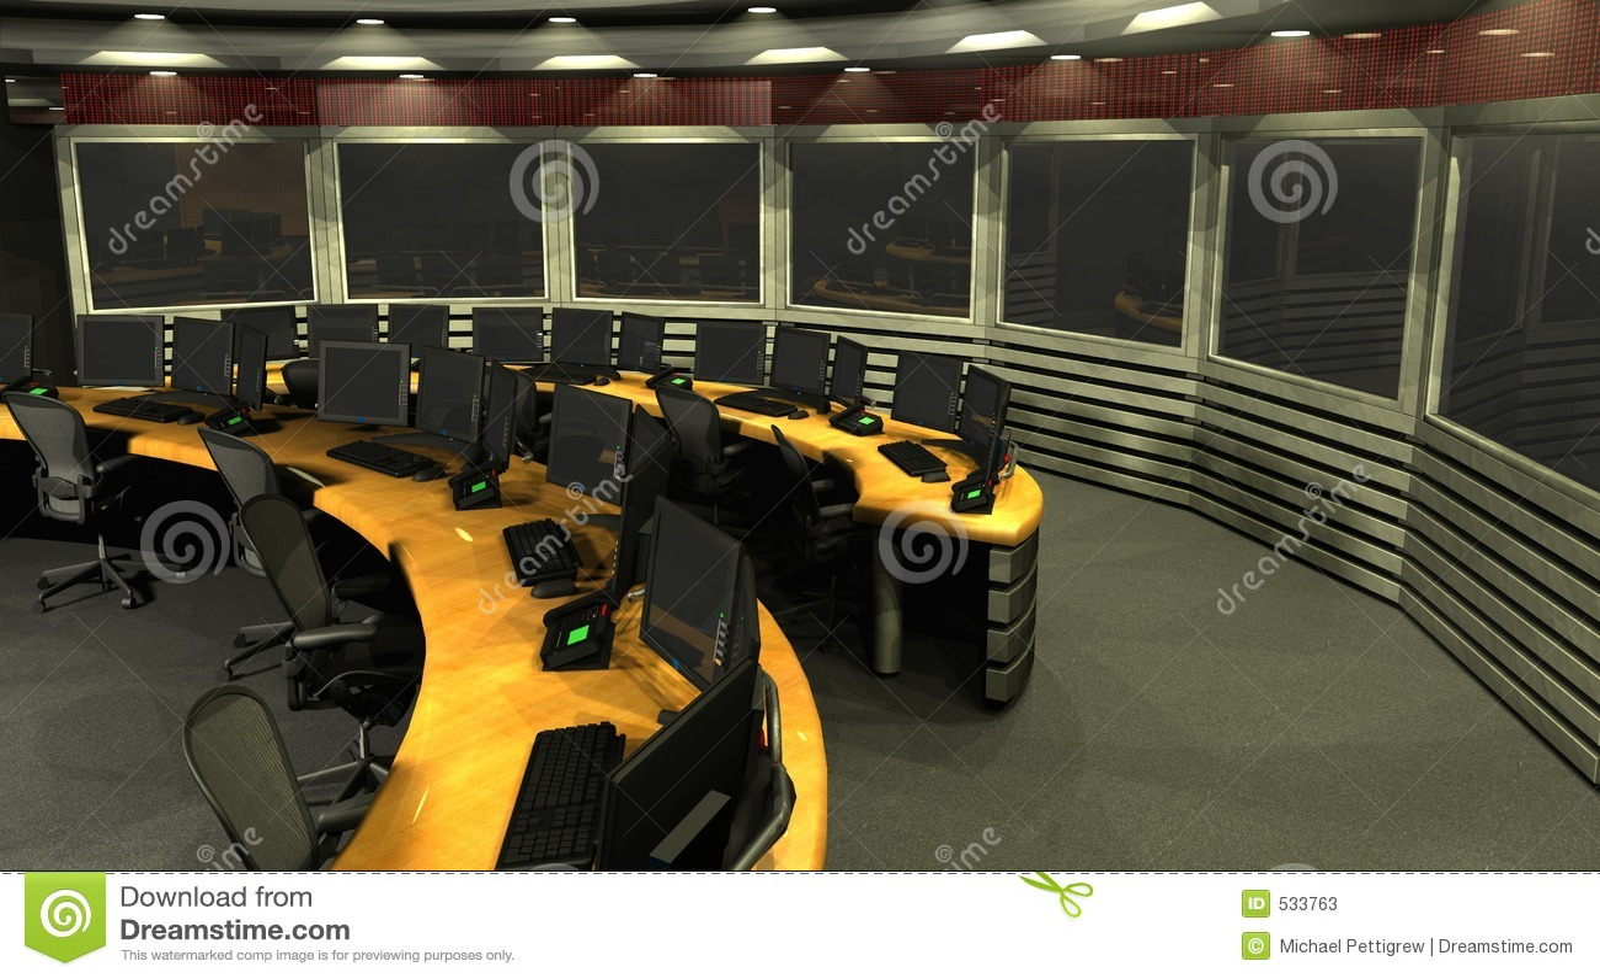 Download 空间监视 库存图片. 图片 包括有 关键董事会, 运算, 监控程序, 指令, 屏幕, 预防, 空间, 监视, 椅子 - 533763